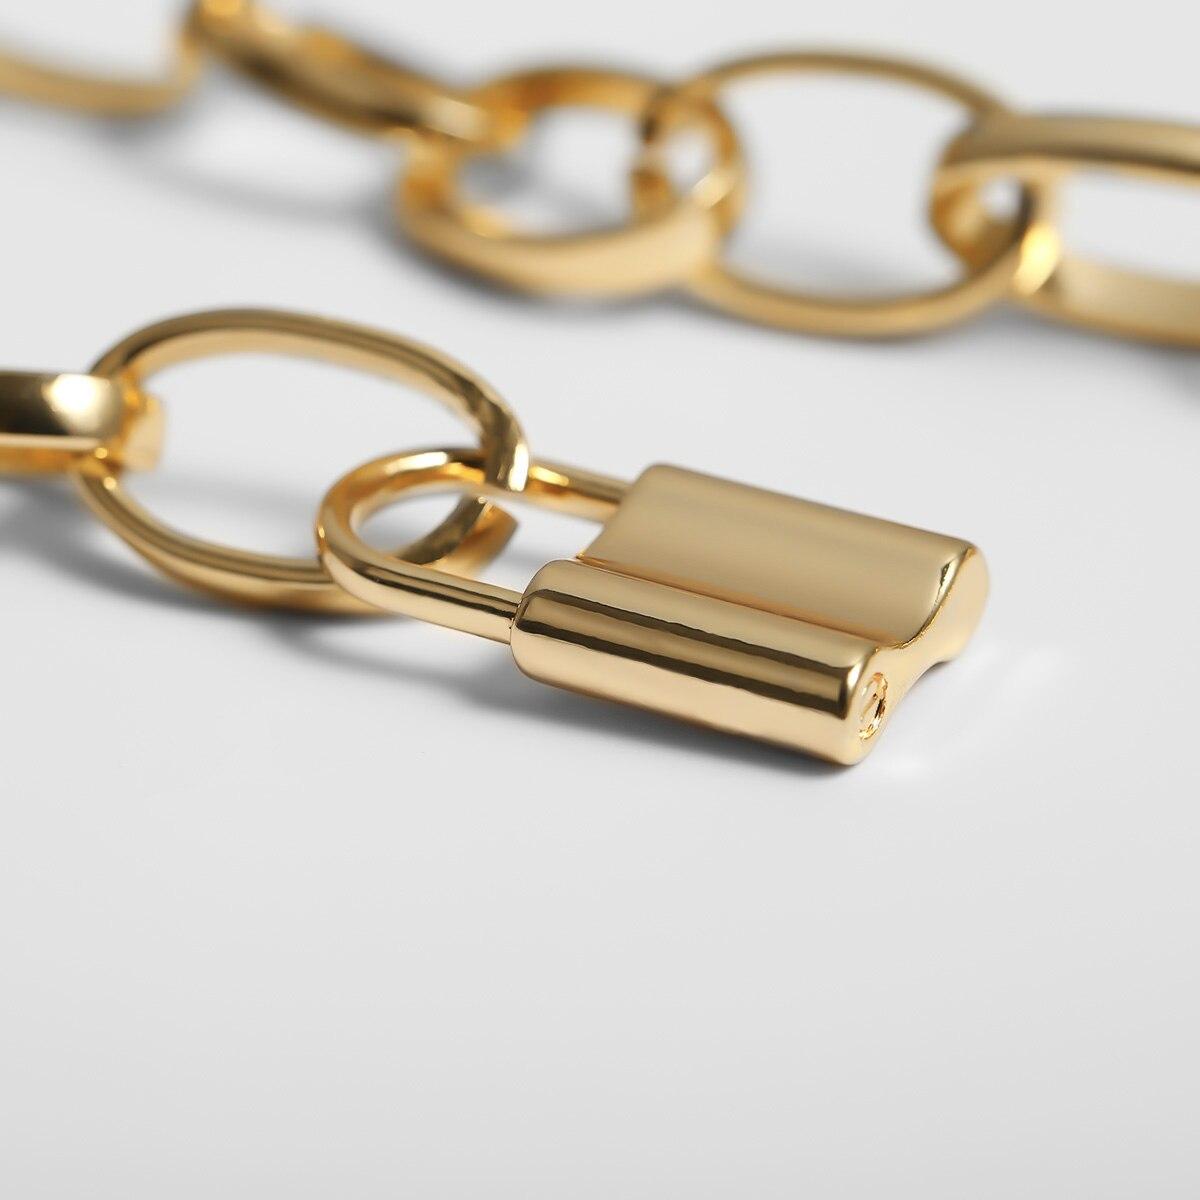 Ingemark, многослойная подвеска с замком для влюбленных, колье, ожерелье с замком в стиле стимпанк, цепочка с сердцем, колье, лучшее ювелирное изделие для пары, подарок